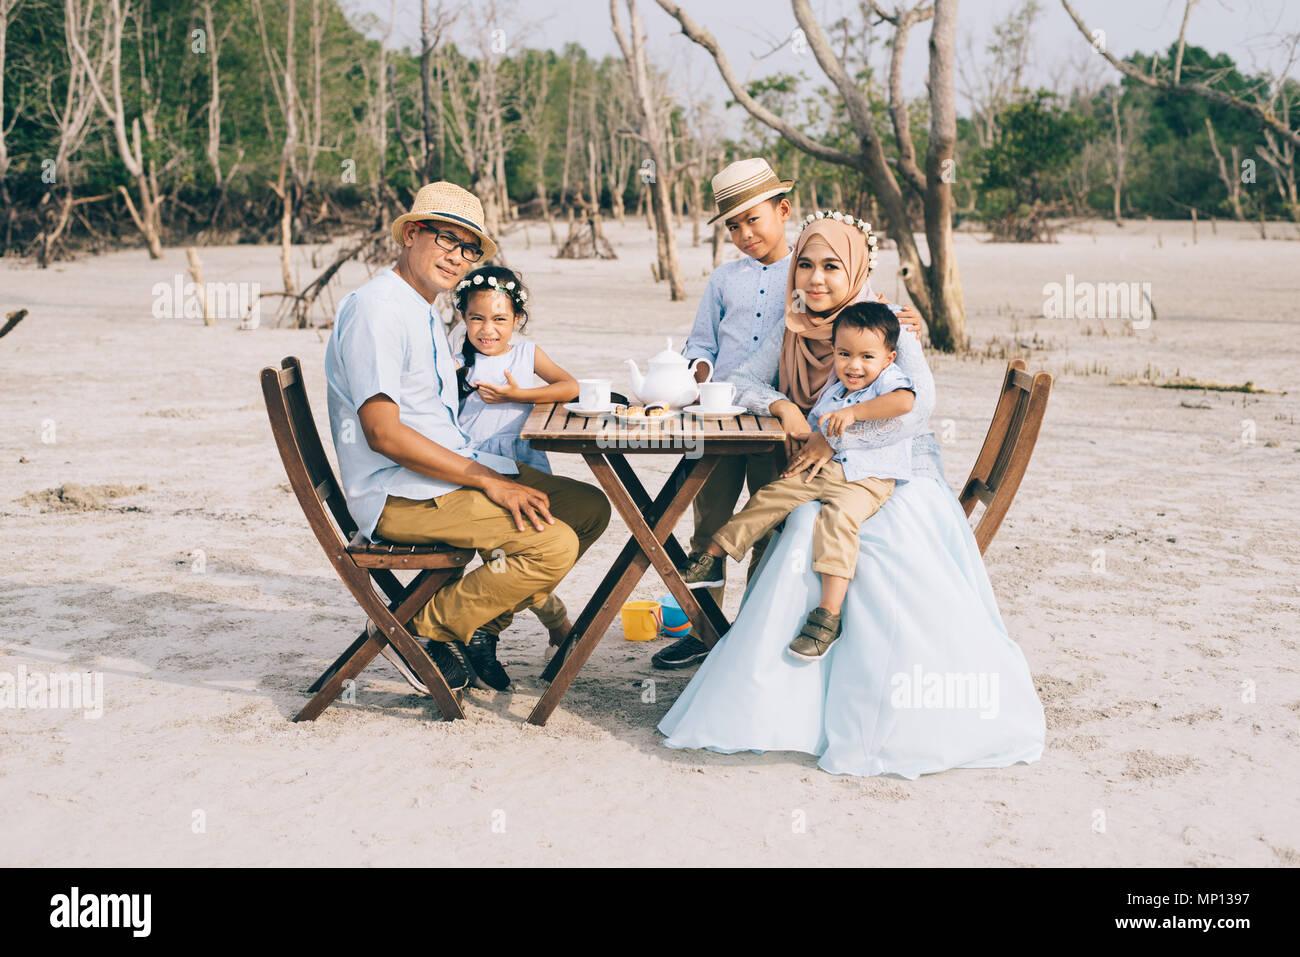 Familia de Asia feliz tener un buen momento de felicidad picnic al aire libre. familia,el amor y el concepto de relación Imagen De Stock